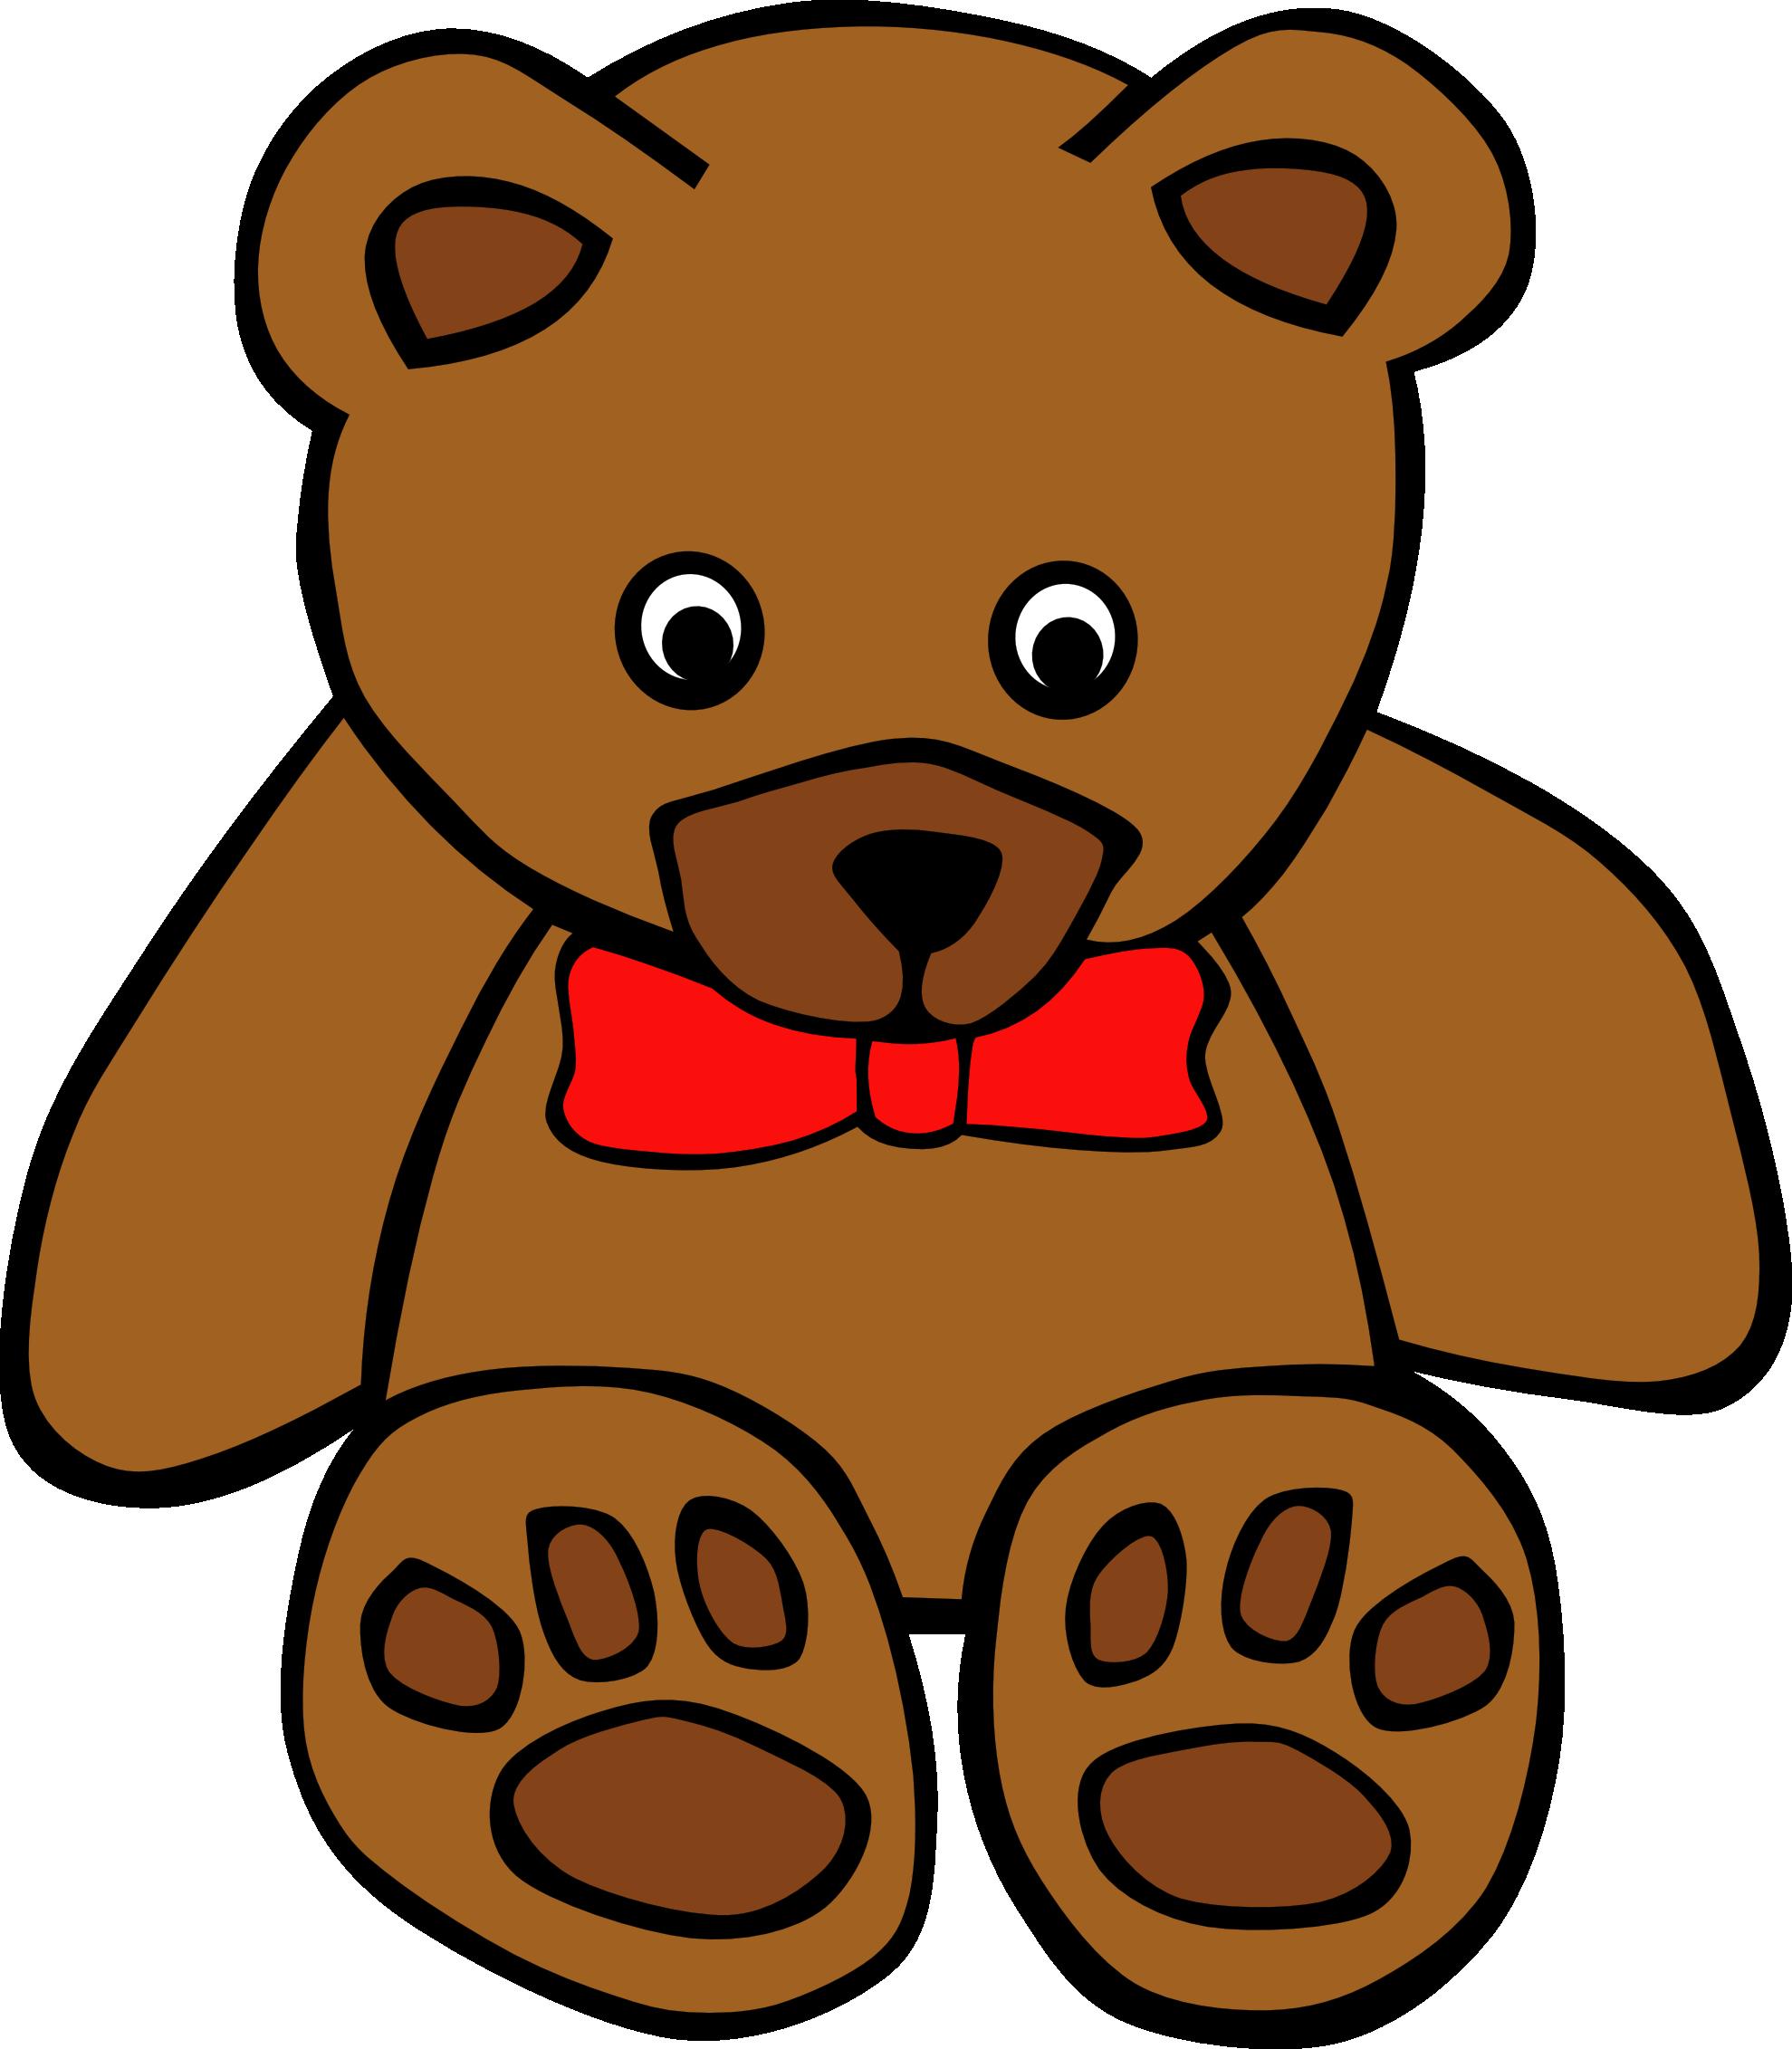 Clipart cute bear clip art stock Cute bear free teddy bear clipart clipart kid 2 image #40156 clip art stock